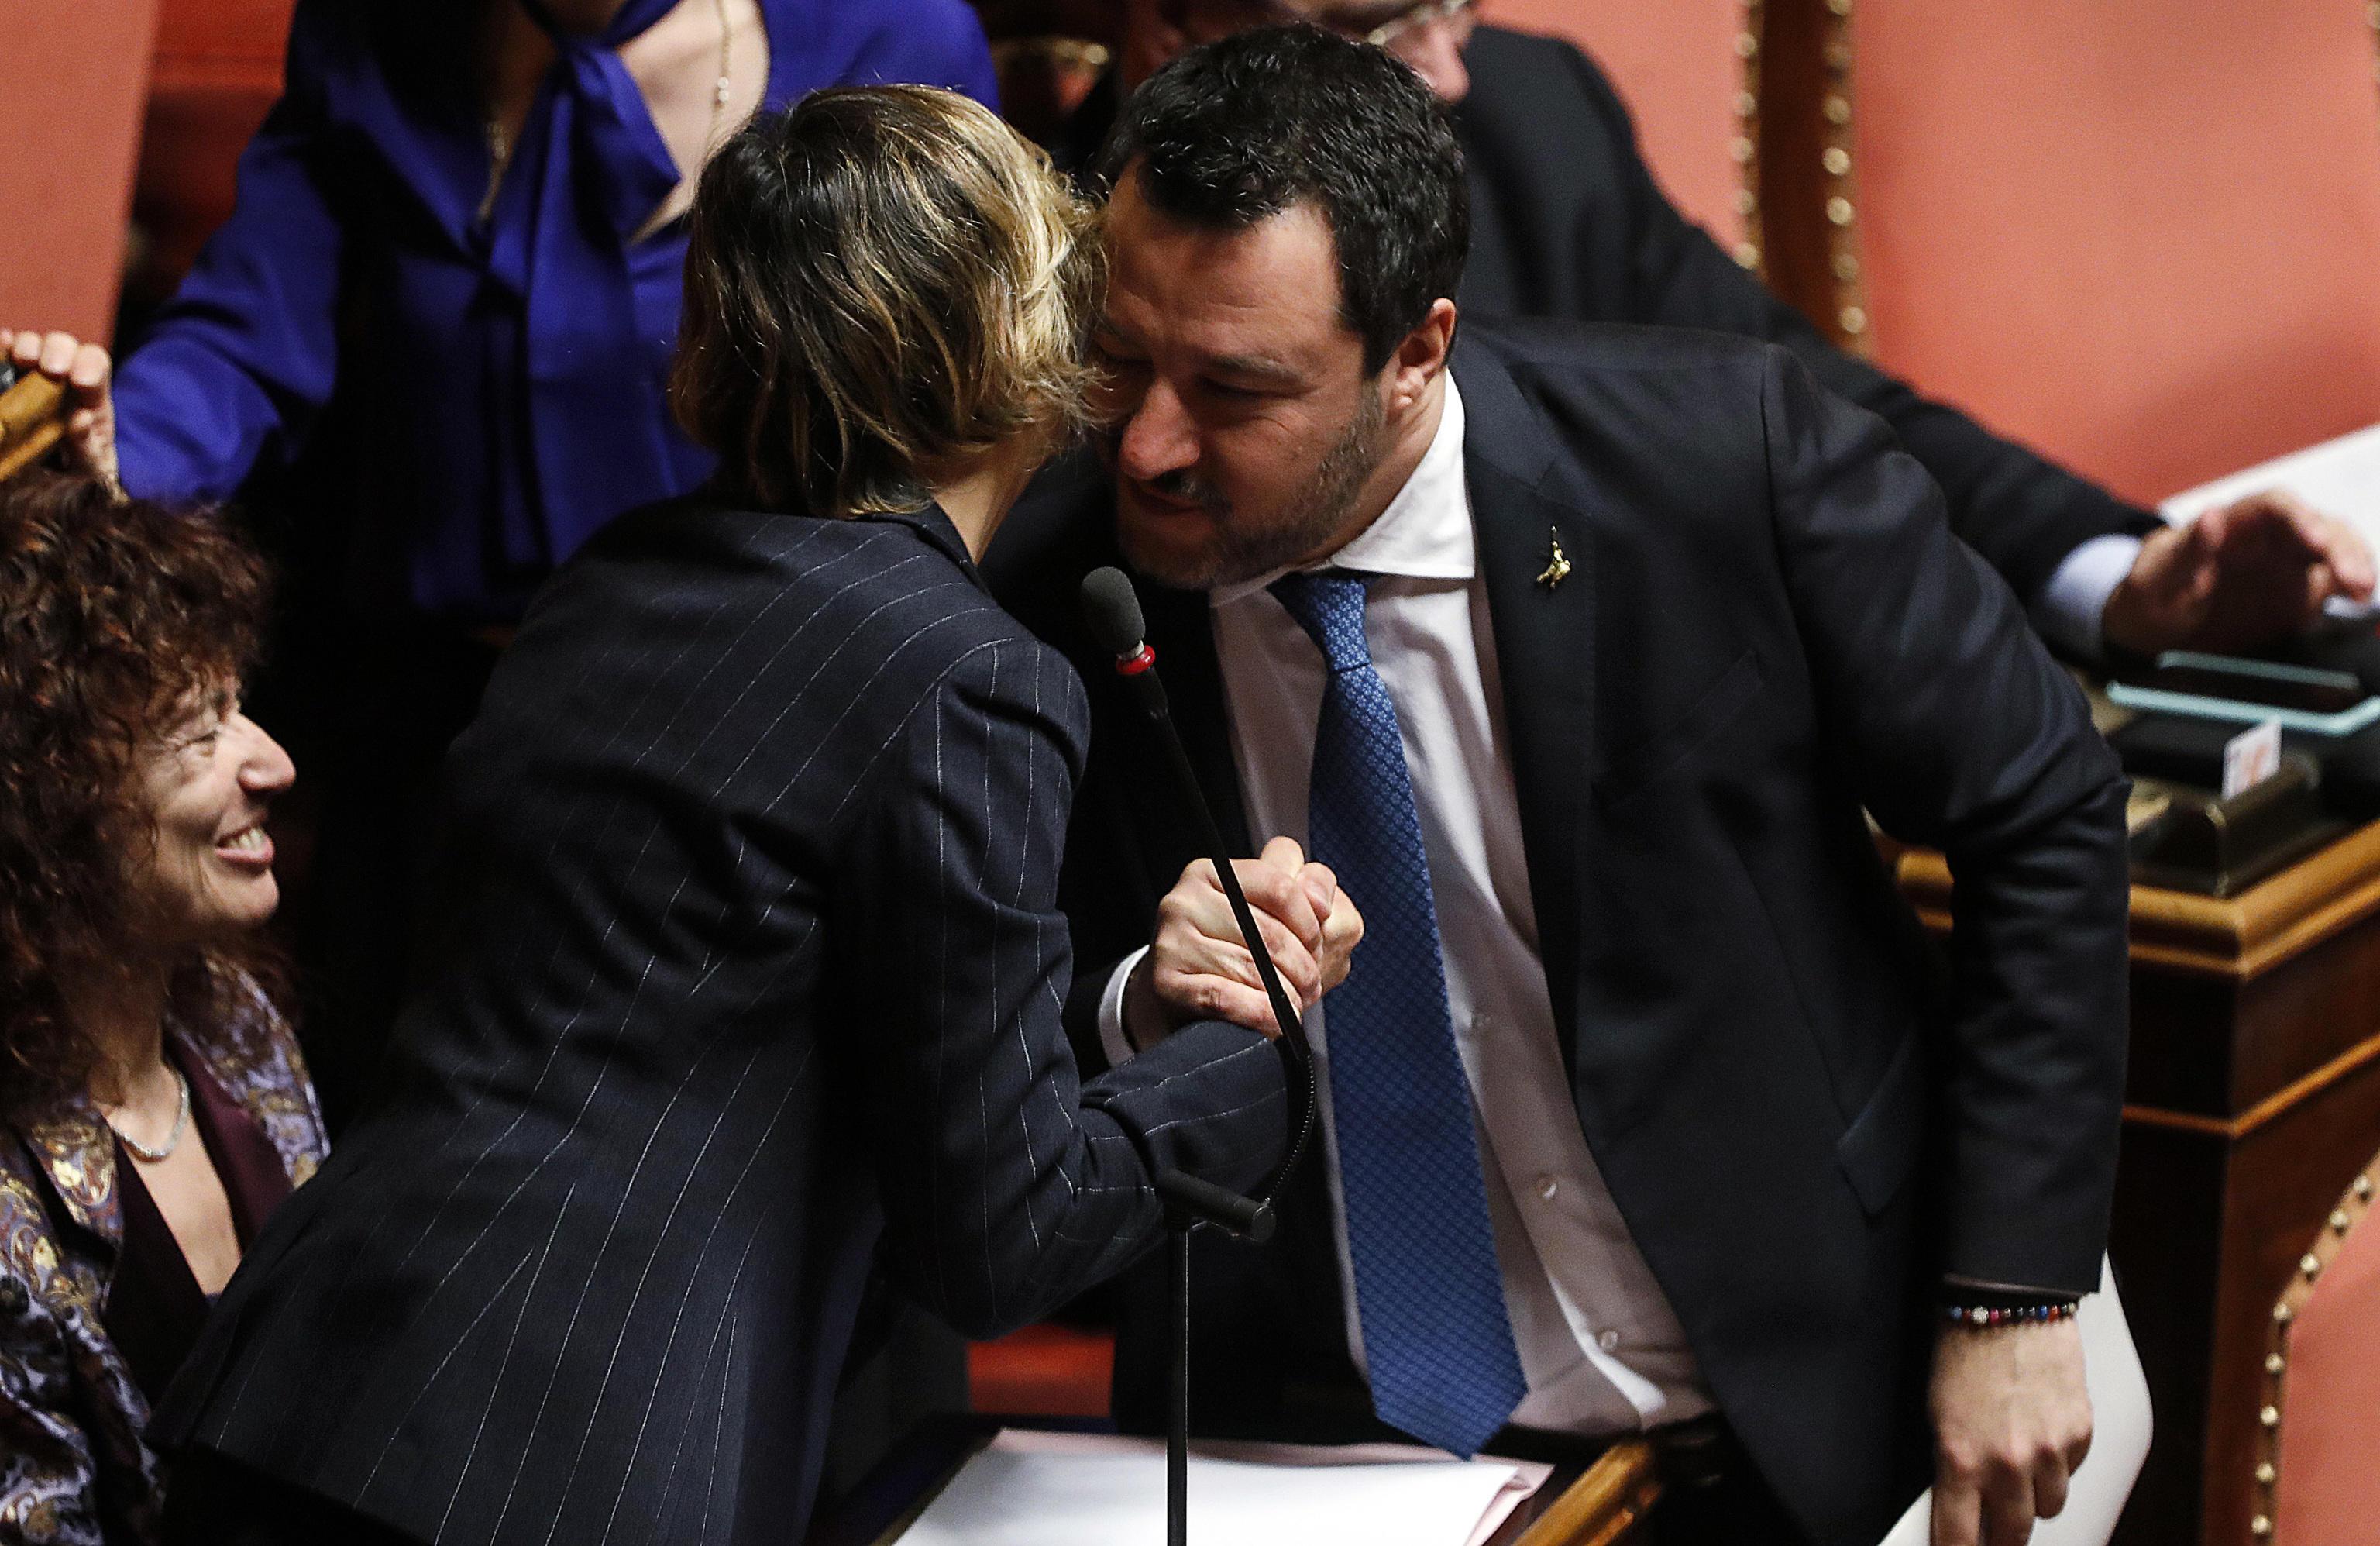 Ciro Grillo, nei verbali dei 4 indagati lo stupro diventa un'orgia consenziente. E c'è un terzo video